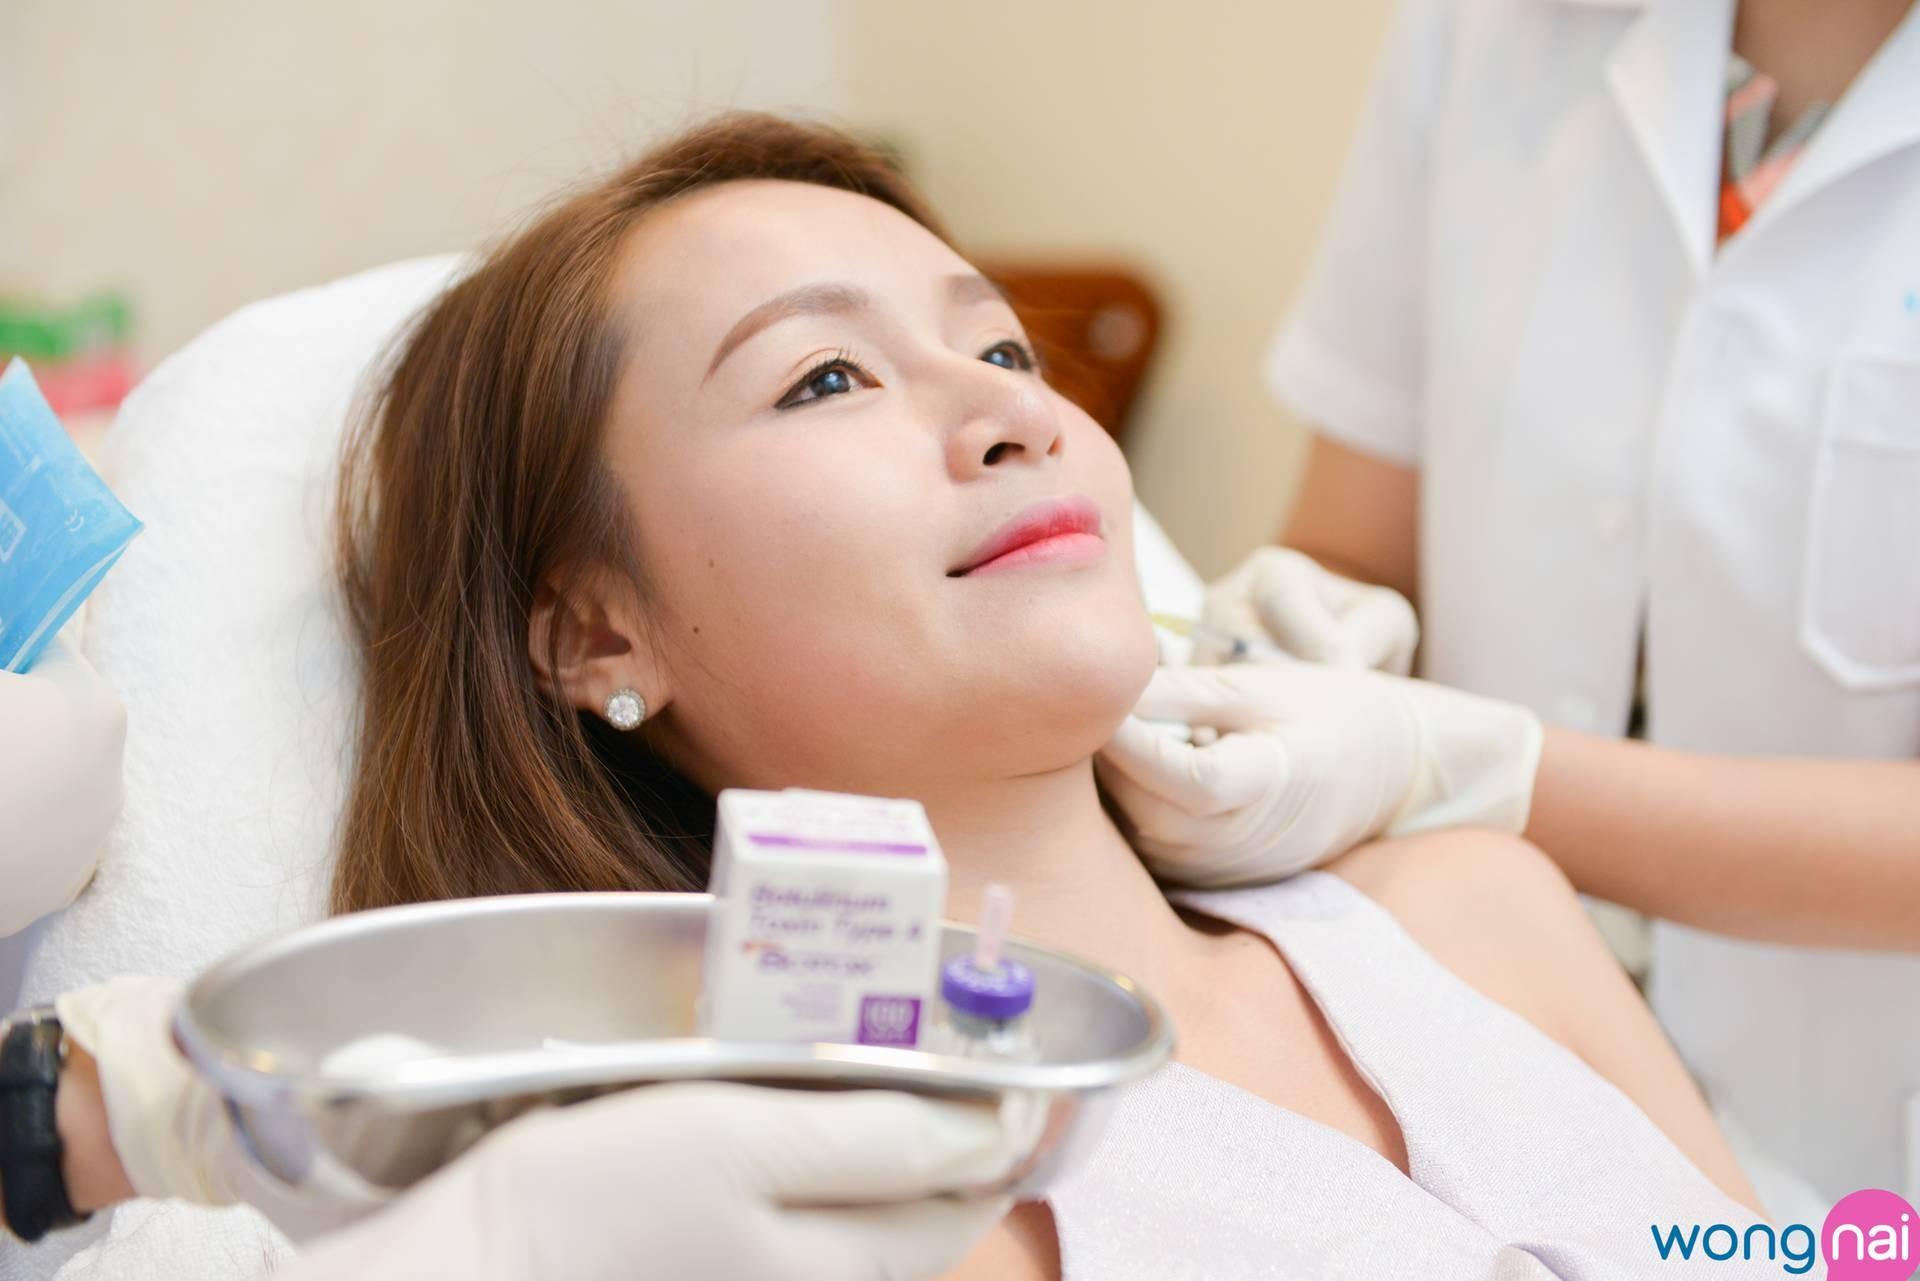 SARUNcare Clinic